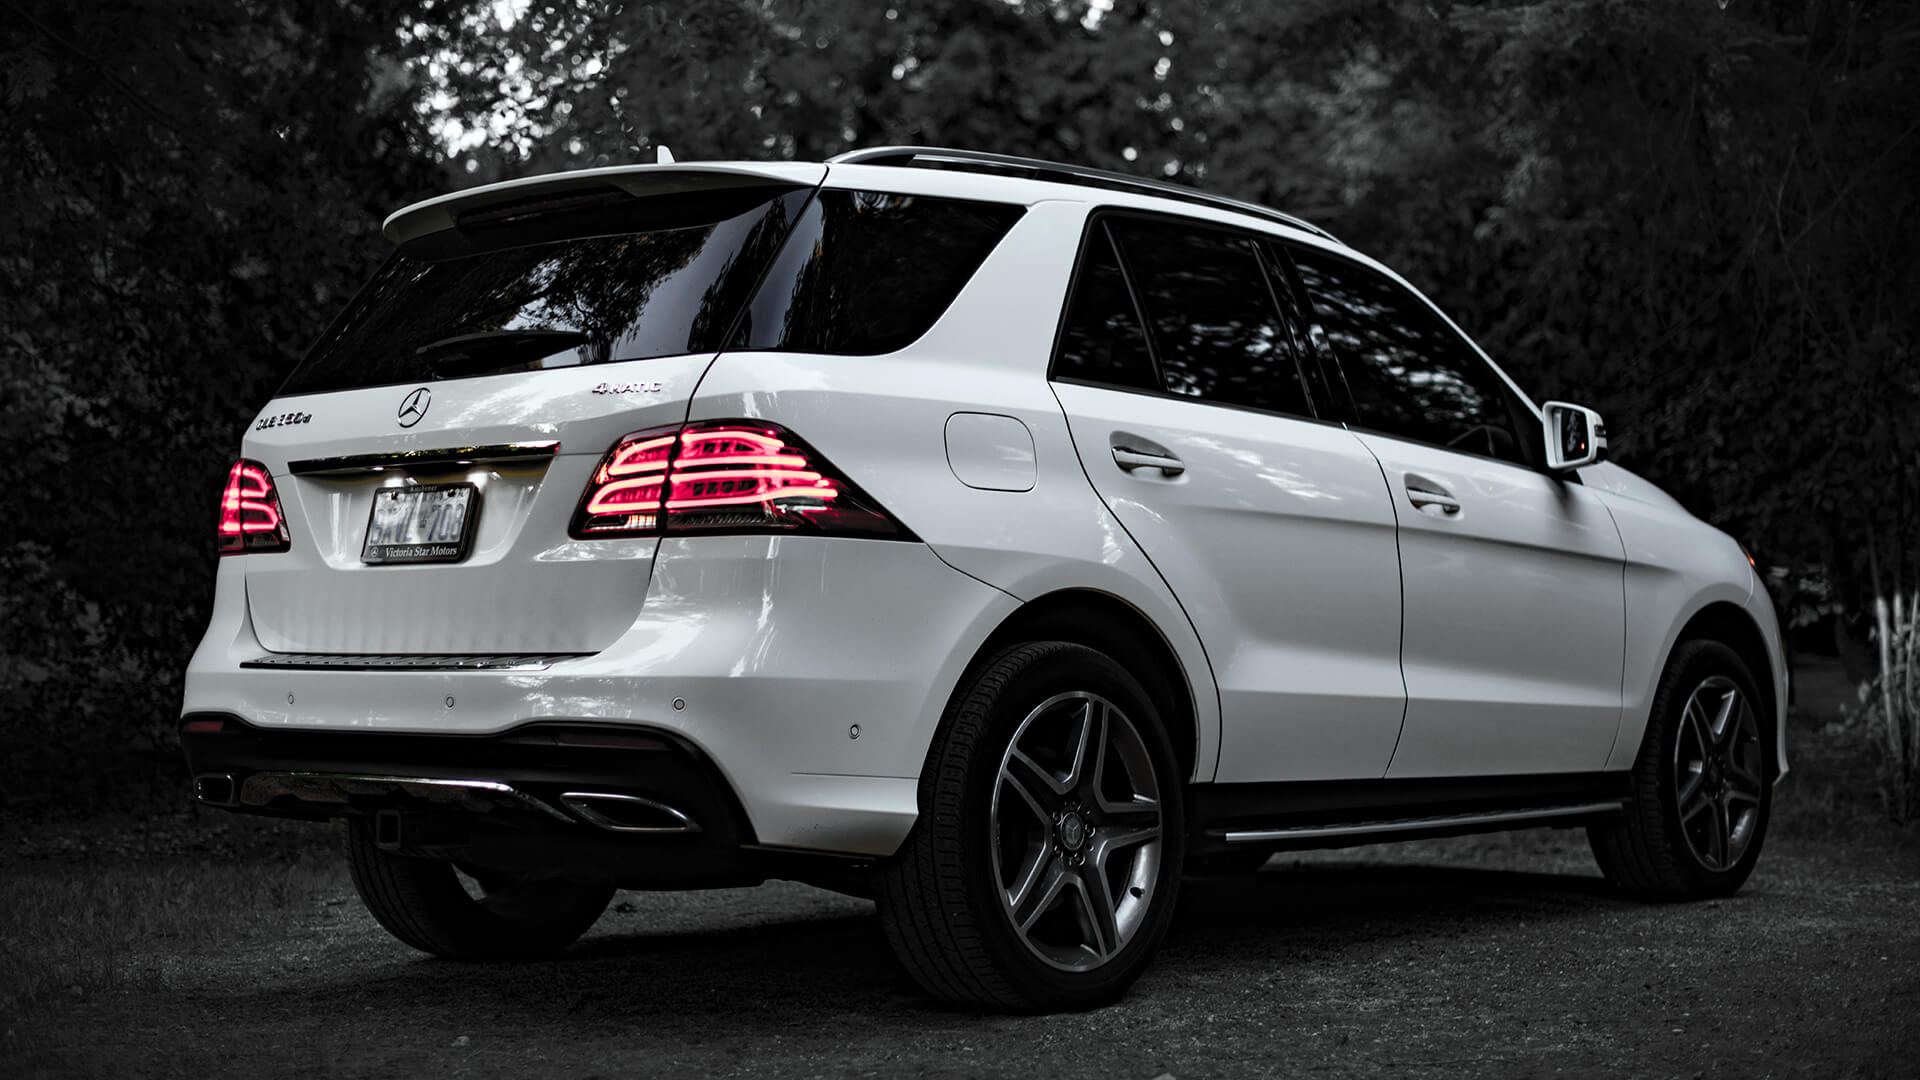 GLE W167 SUV